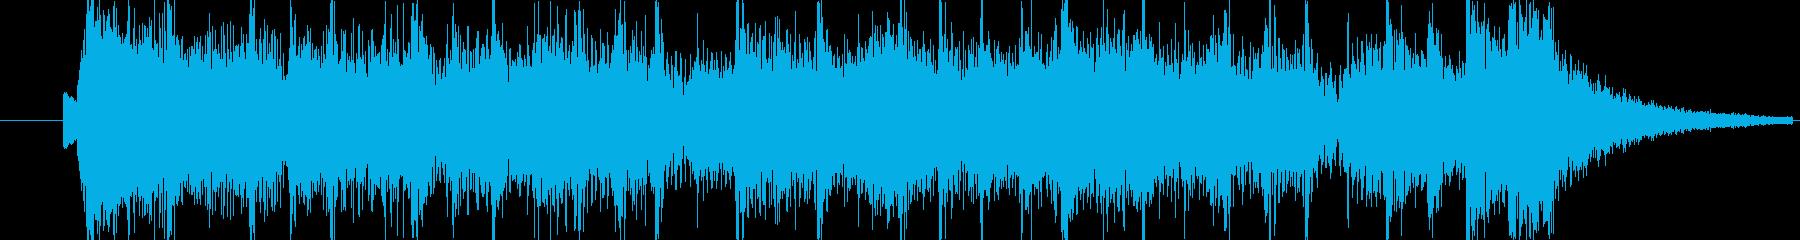 番組のエンディングをイメージして。の再生済みの波形